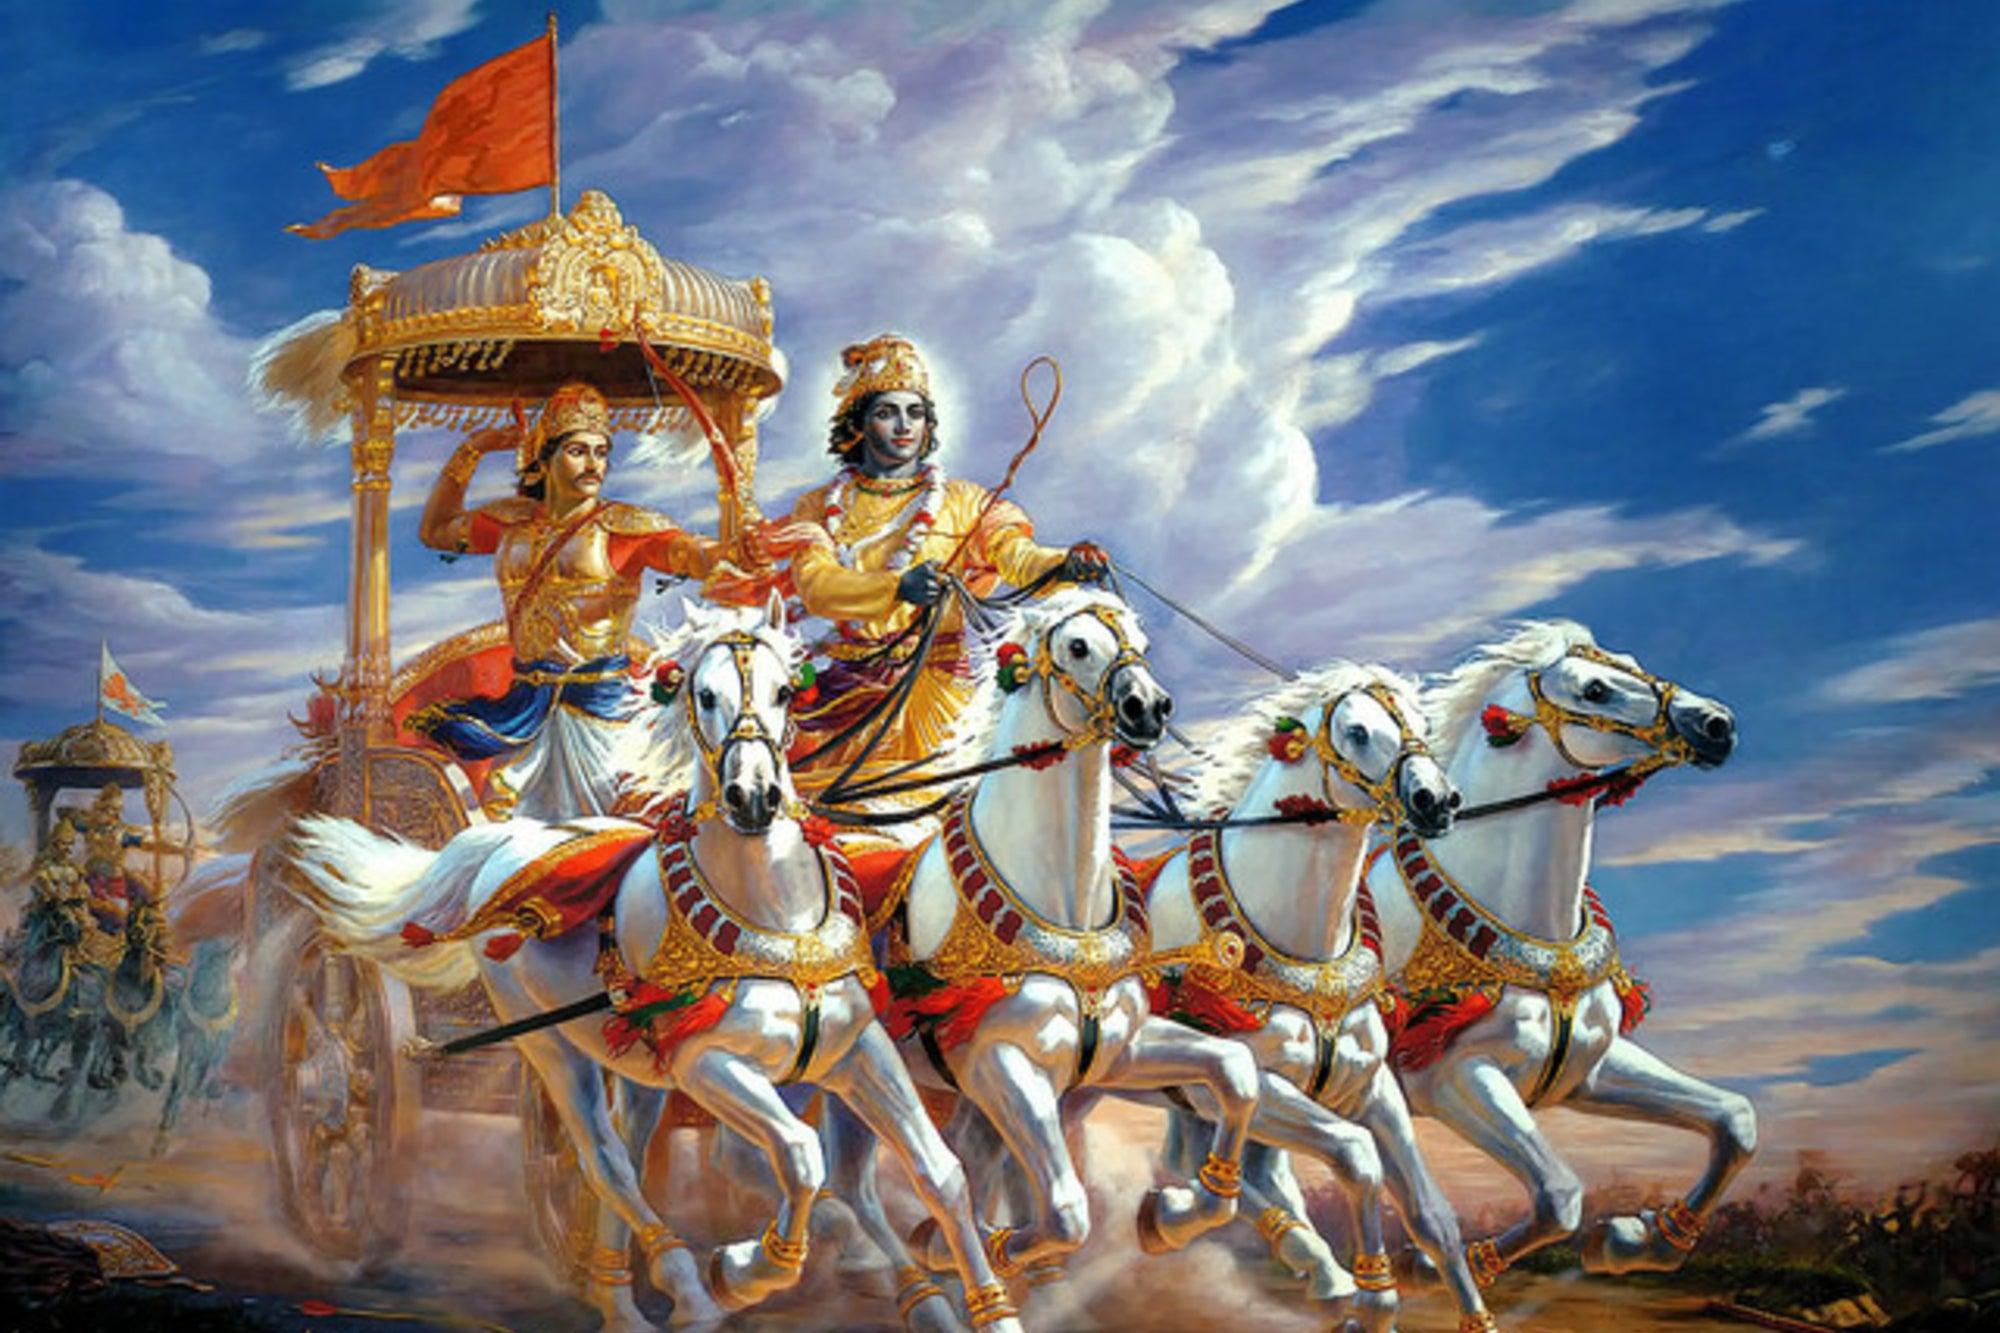 PunjabKesari, Mahabharata Gyan in hindi, Mahabharata Gyan, Mahabharata Shaloka, Covid, Sri krishna Updesh, Arjun, Niti Gyan in hindi, Niti Shastra, Niti Shaloka In hindi, Mahabharata Niti in hindi